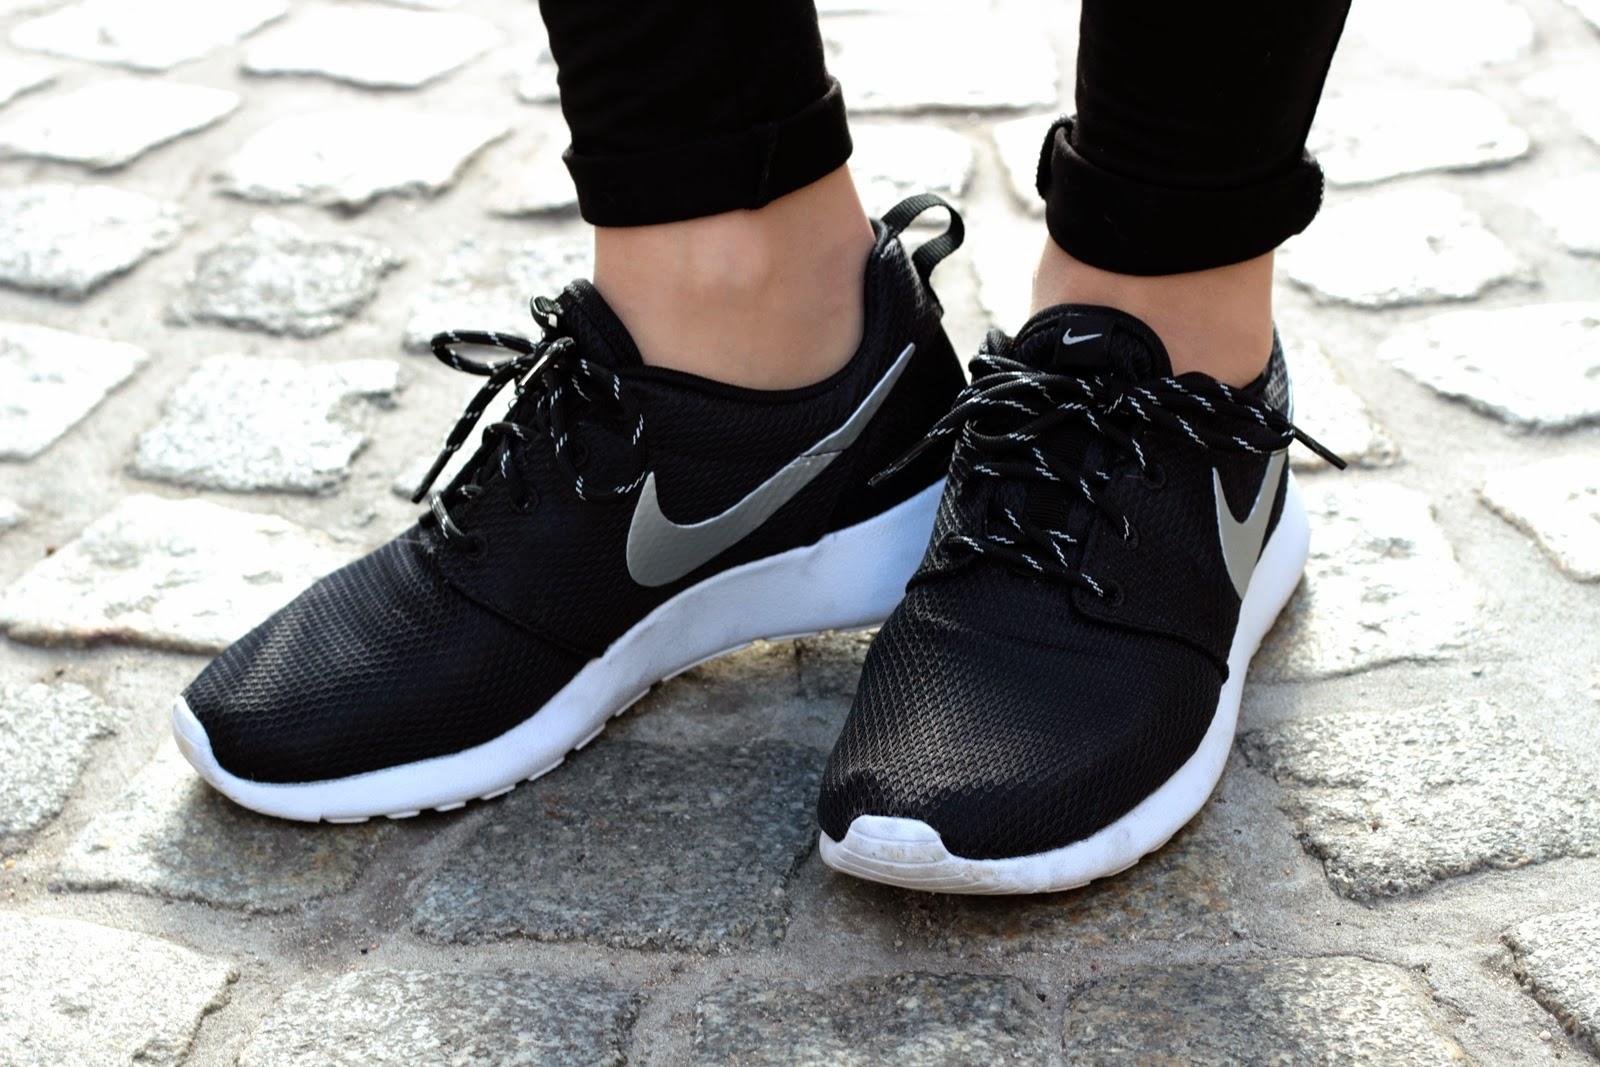 Nike Free 5.0 Damen Schwarz Angezogen